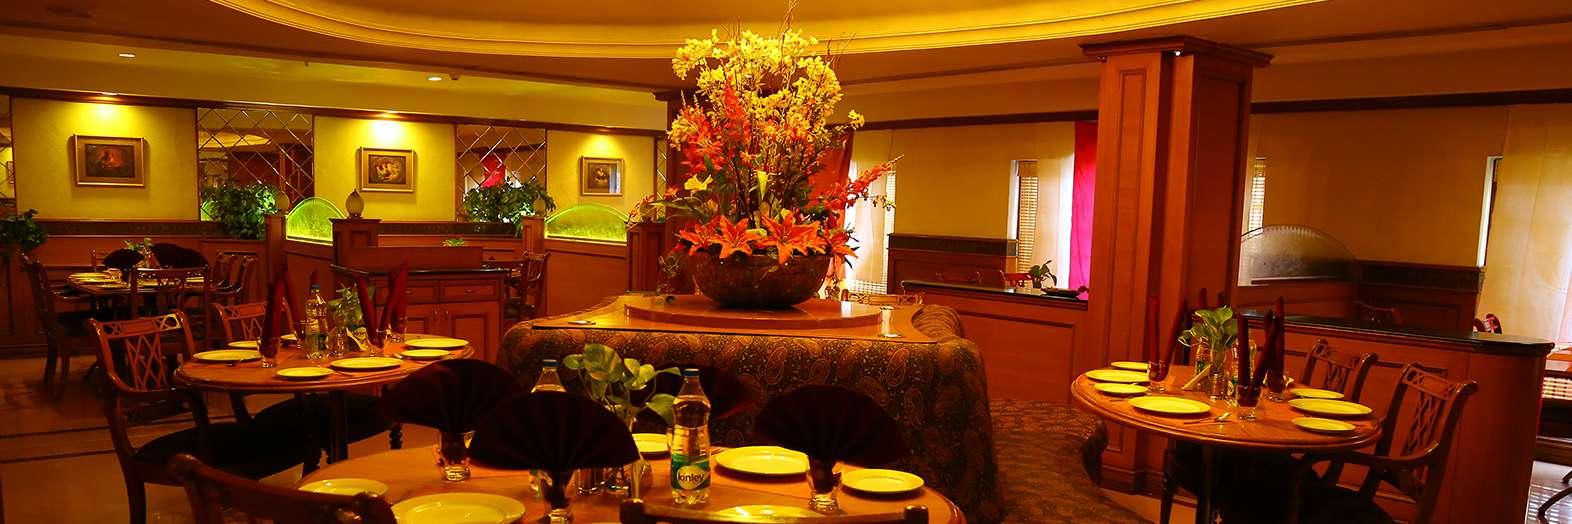 Restaurants in Tirupati